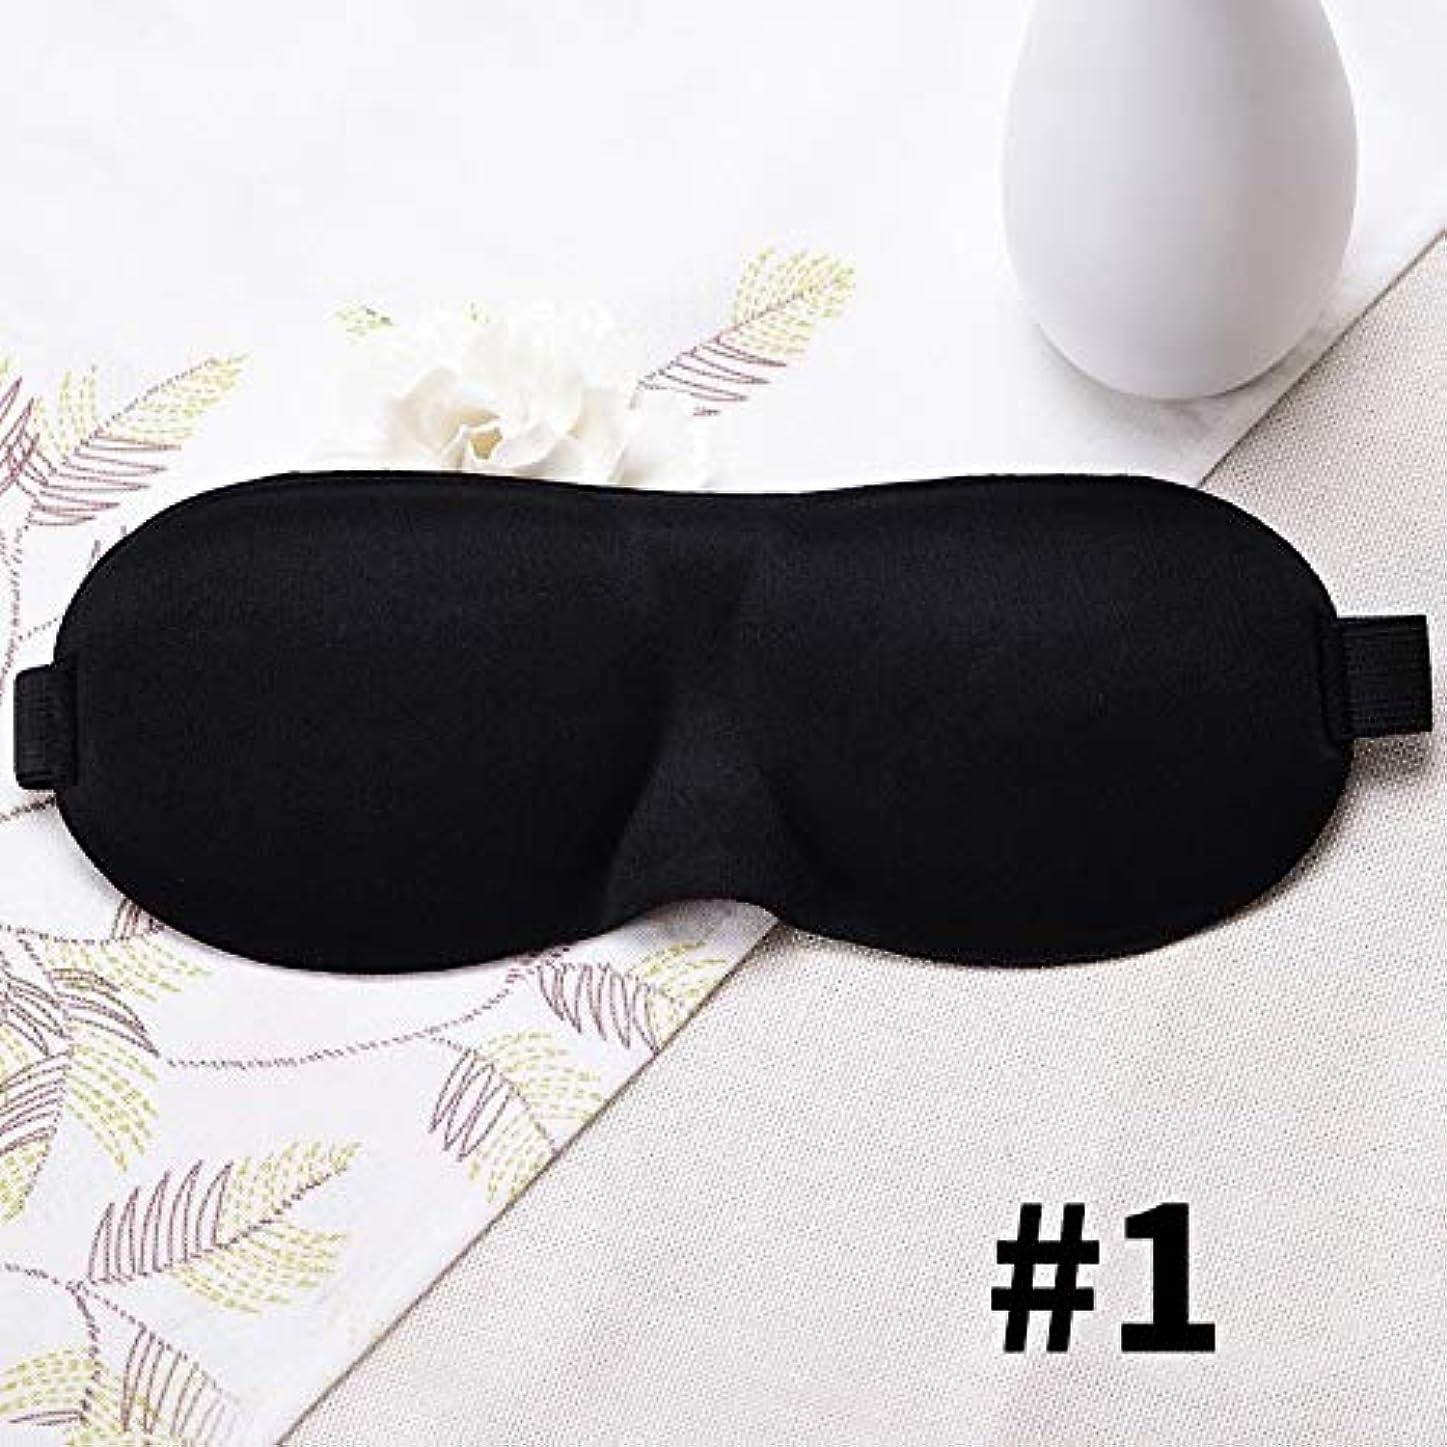 お祝い留め金アクセサリーNOTE ユニセックス3D睡眠マスクリラックス睡眠アイマスクシェードカバー目隠し睡眠補助アイマスクポータブル目隠し旅行アイパッチ